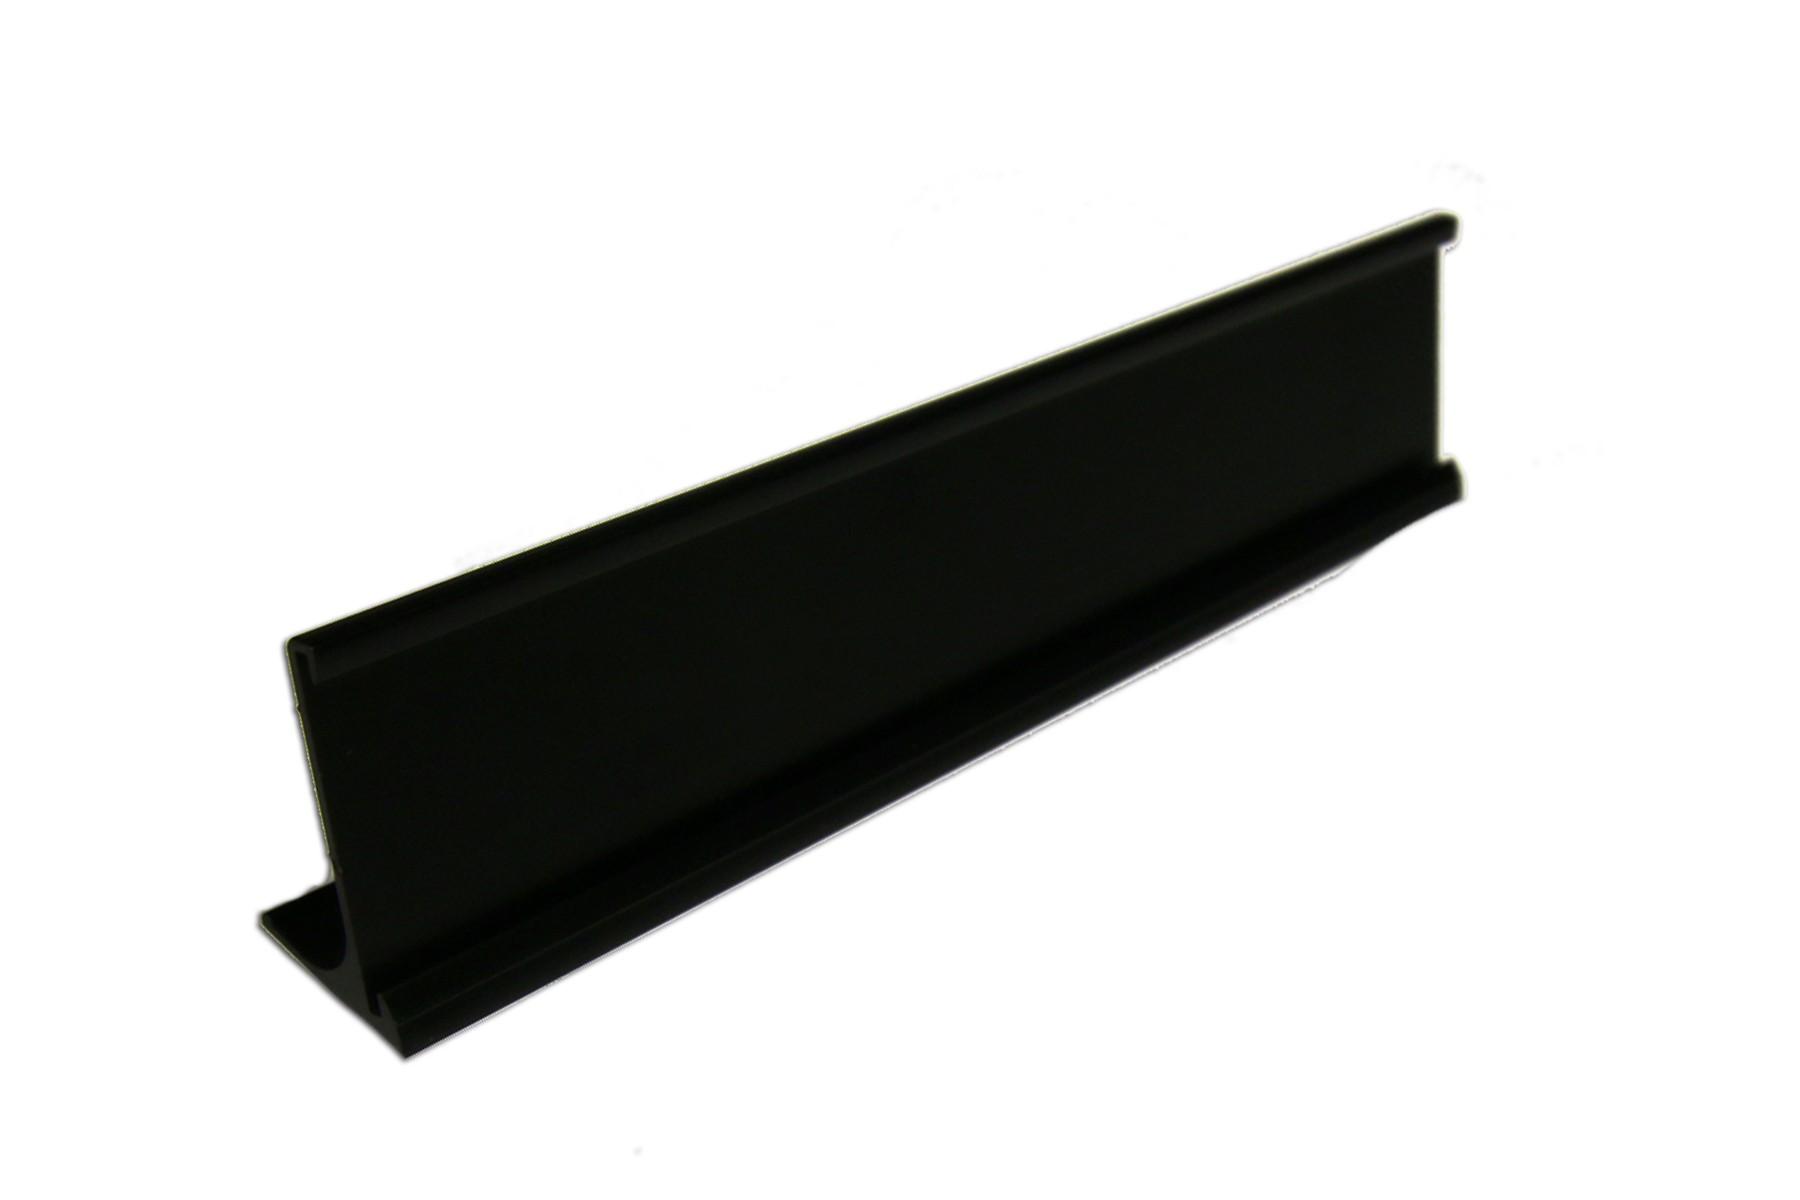 1-1/2 x 10 Desk Holder, Black